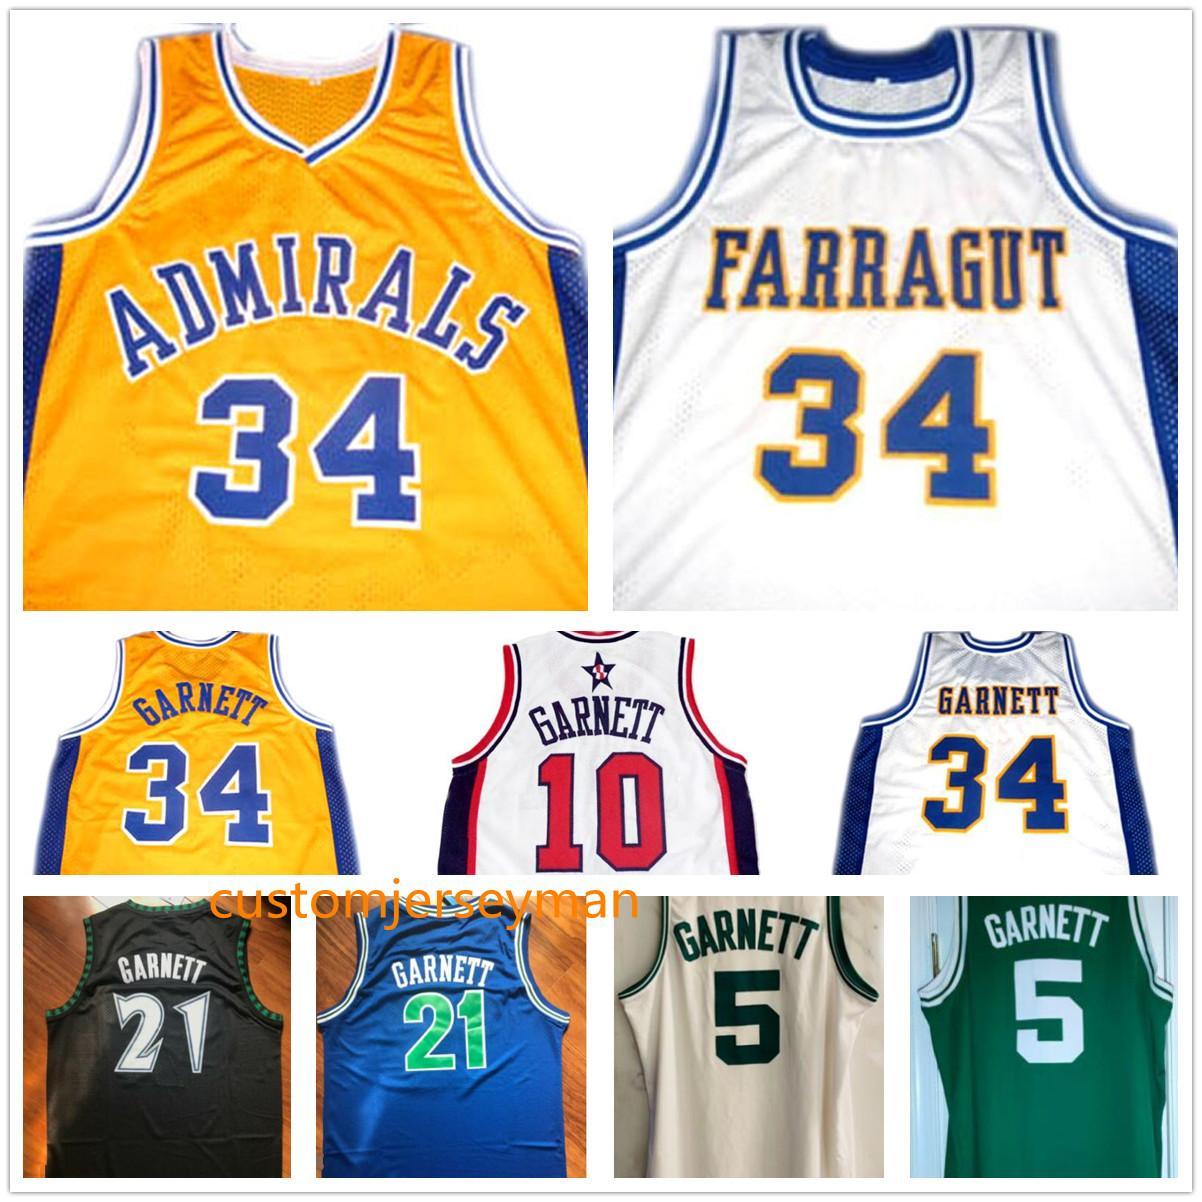 Takım ABD # 9 Kevin # 34 Garnett Jersey Amiraller Lisesi Basketbol Jersey Yeşil Erkek Dikişli Özel Yapılan Boyut S-5XL